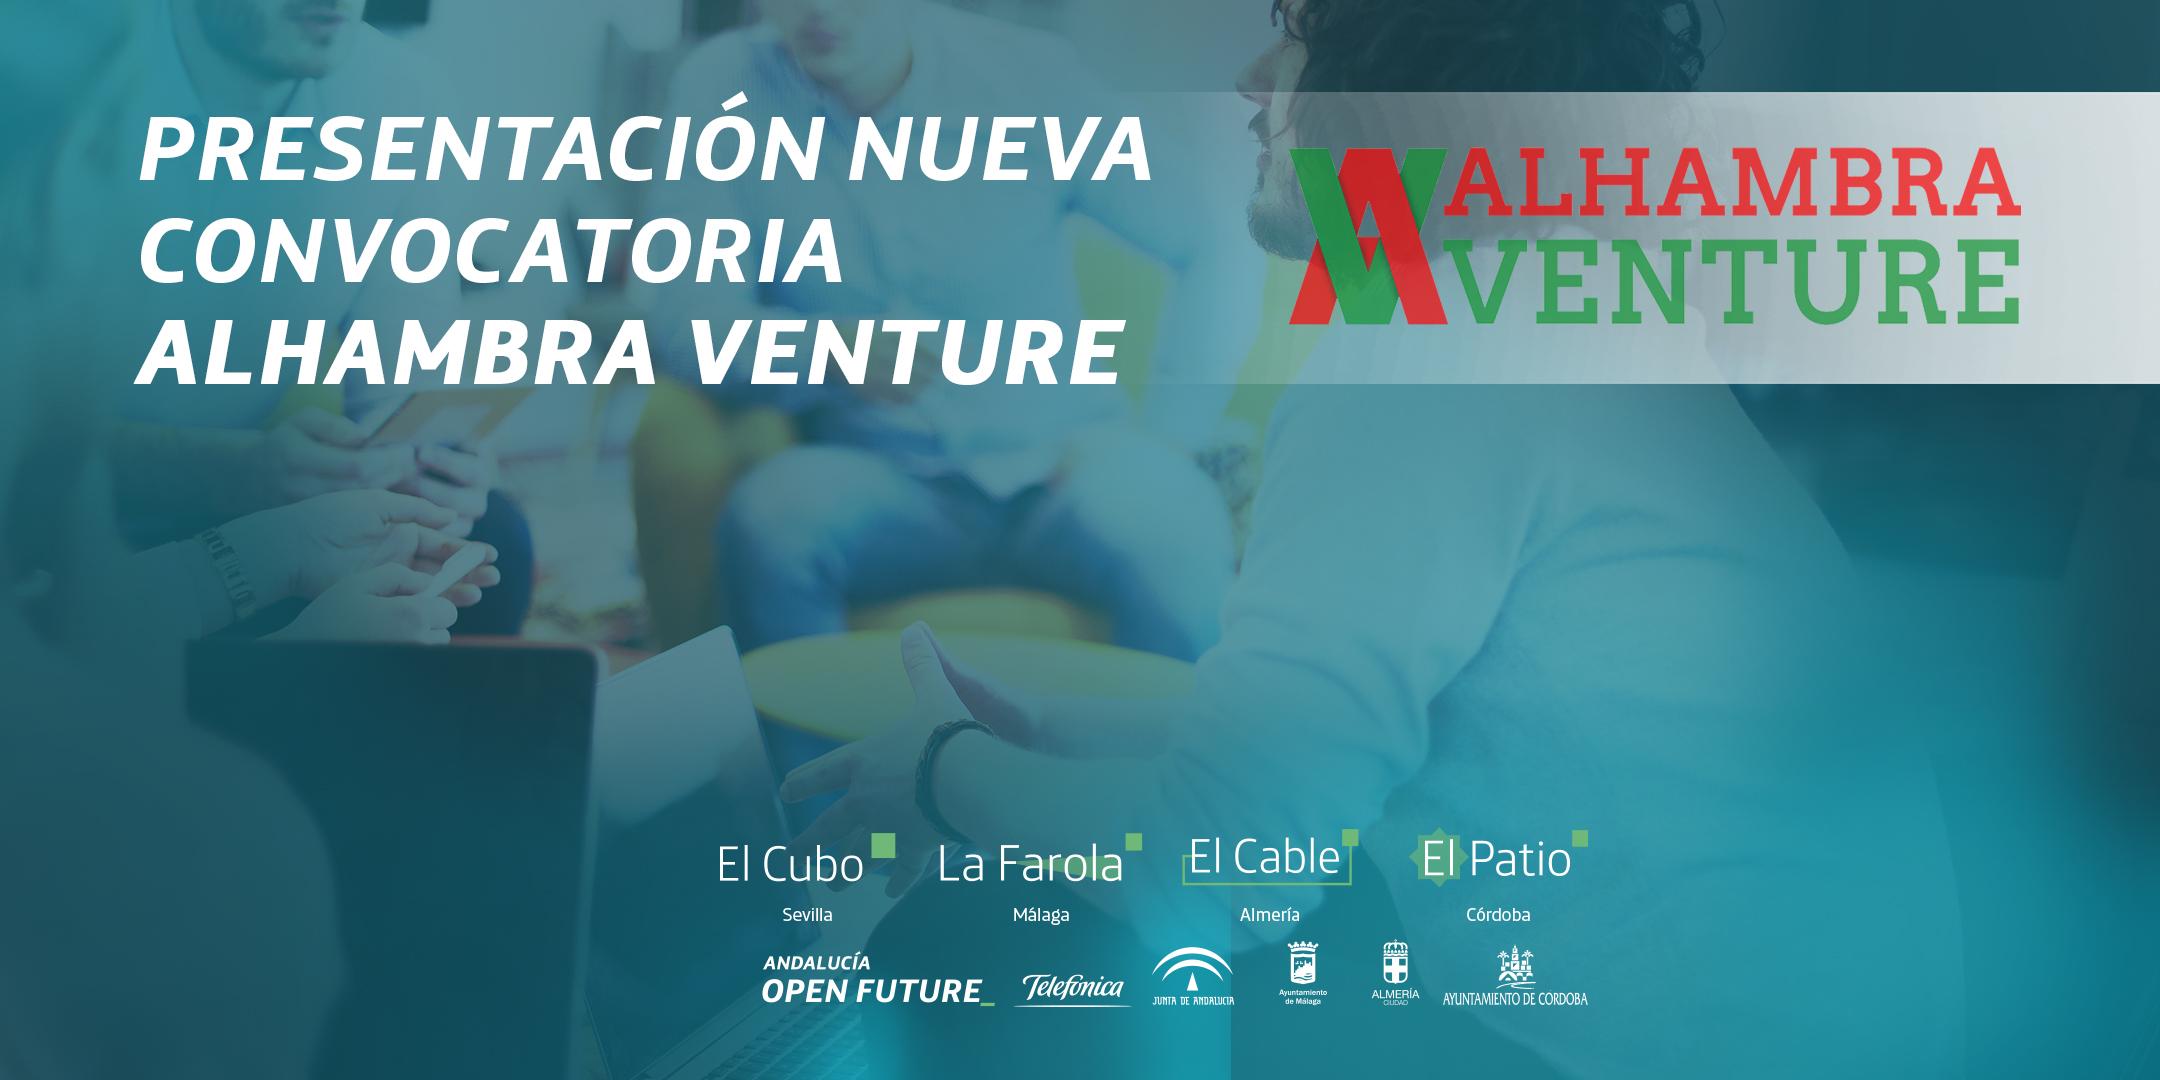 Presentación Alhambra Venture